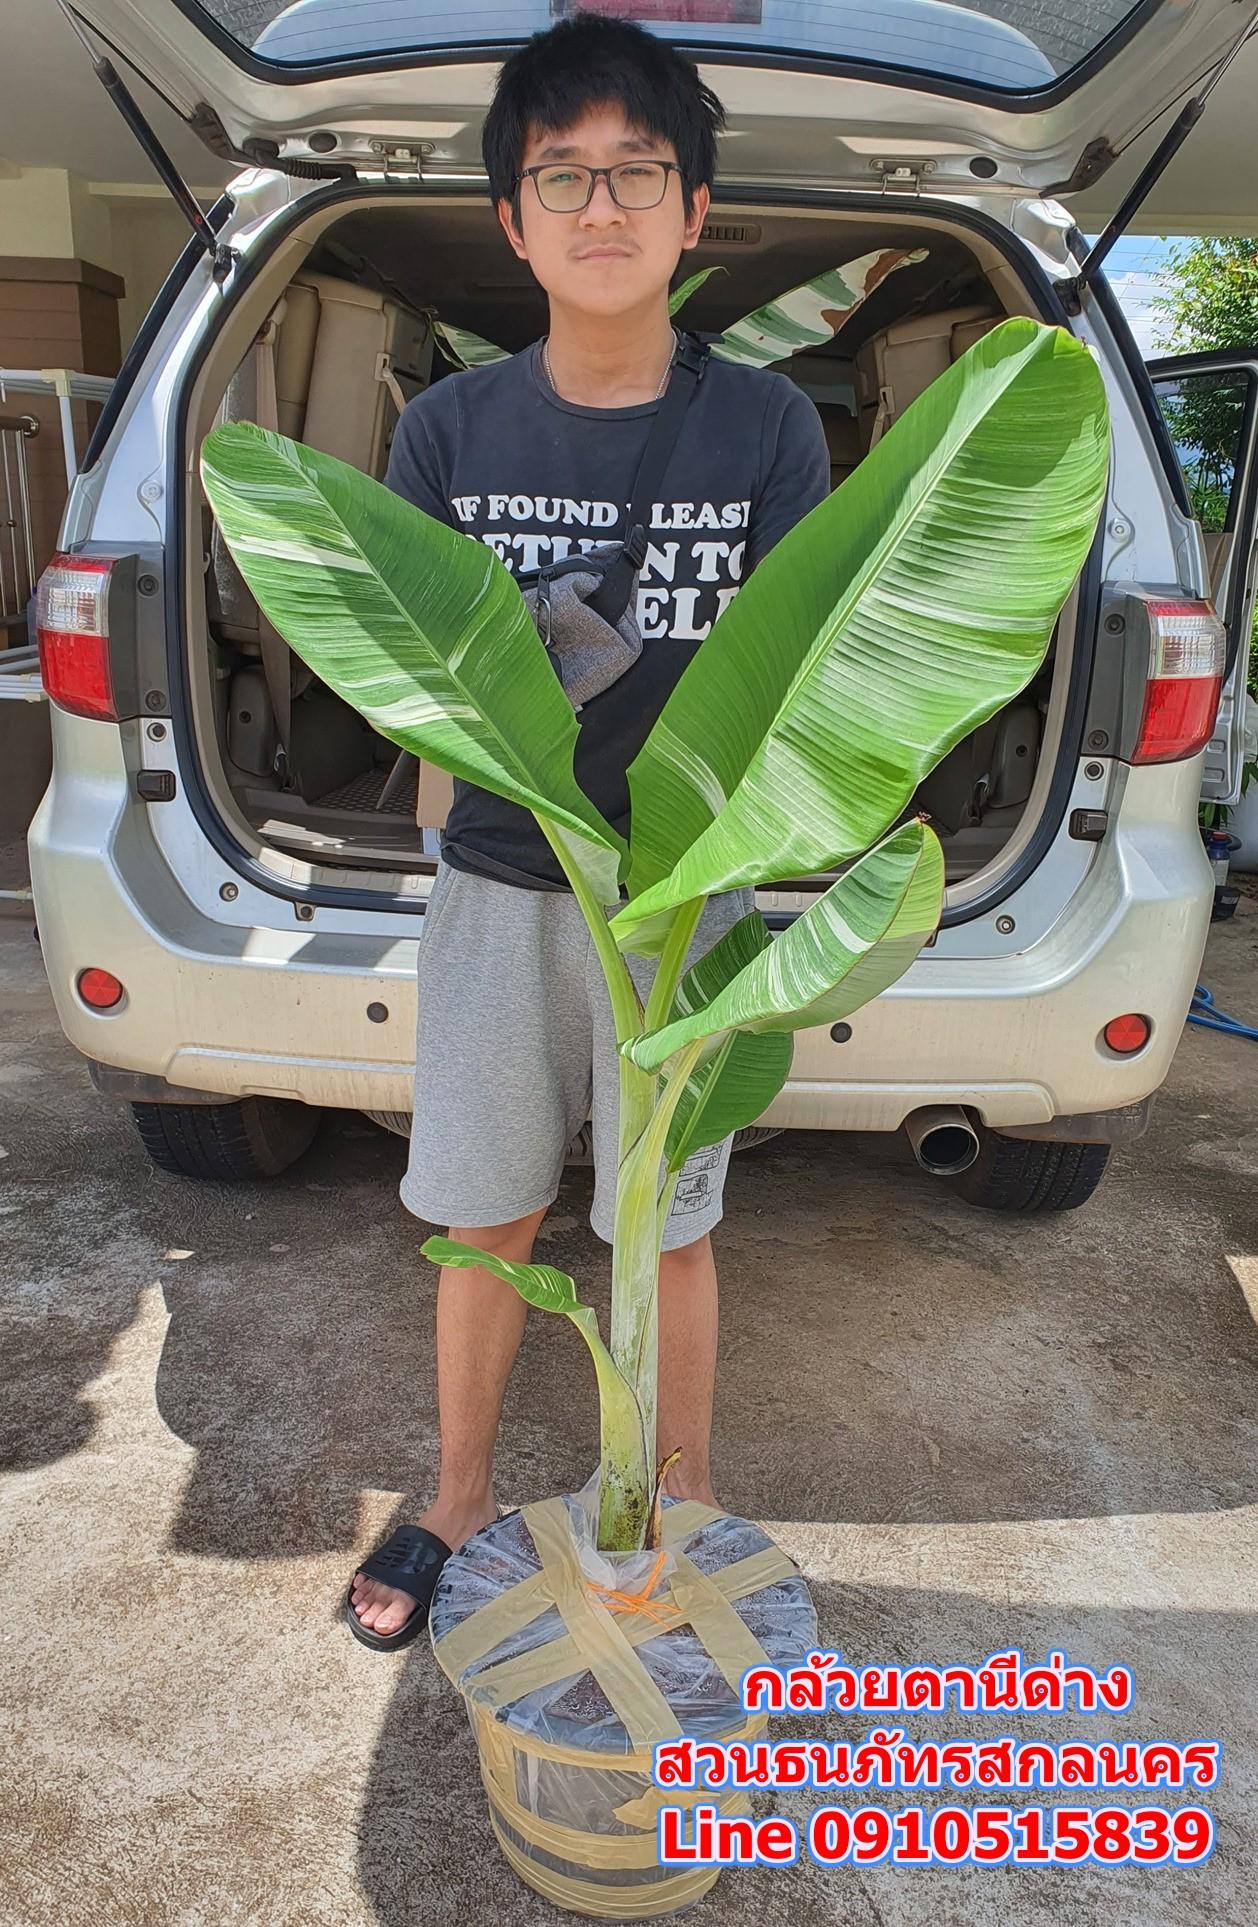 กล้วยด่างฟลอริด้า กล้วยตานีด่าง กล้วยป่าด่างหินอ่อน ส่งอุดรธานี